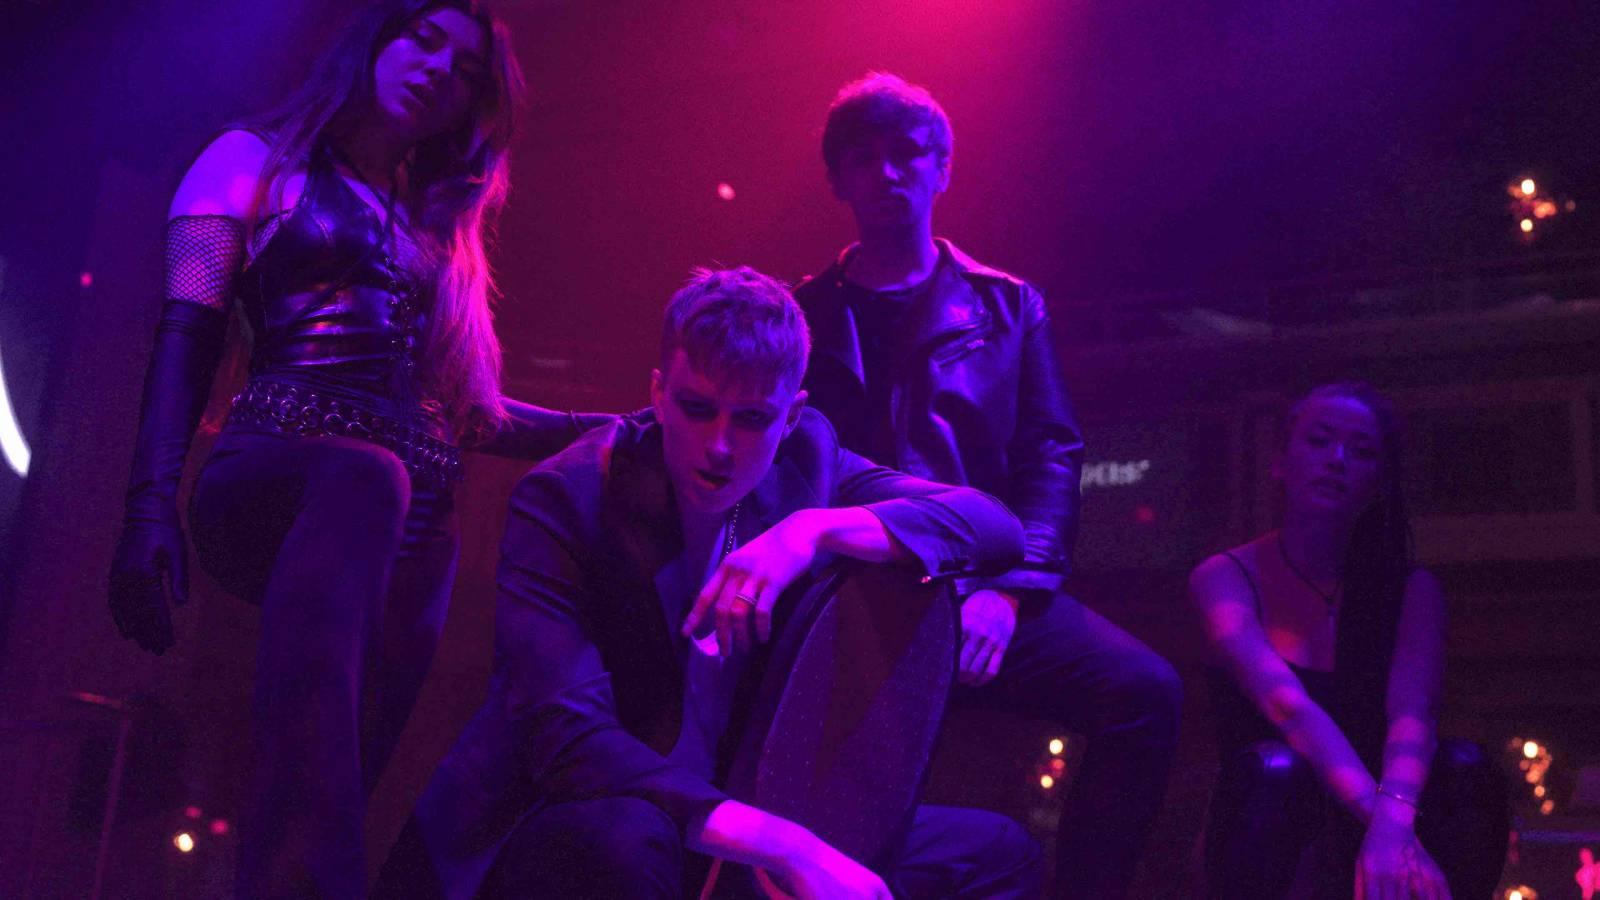 TOP 6 videoklipů týdne: Hills97 si do nového tracku přizvali Pam Rabbit, Jakub Ondra zpívá o vztahu, který potřebuje spravit a projekt Light47 představuje debutový singl